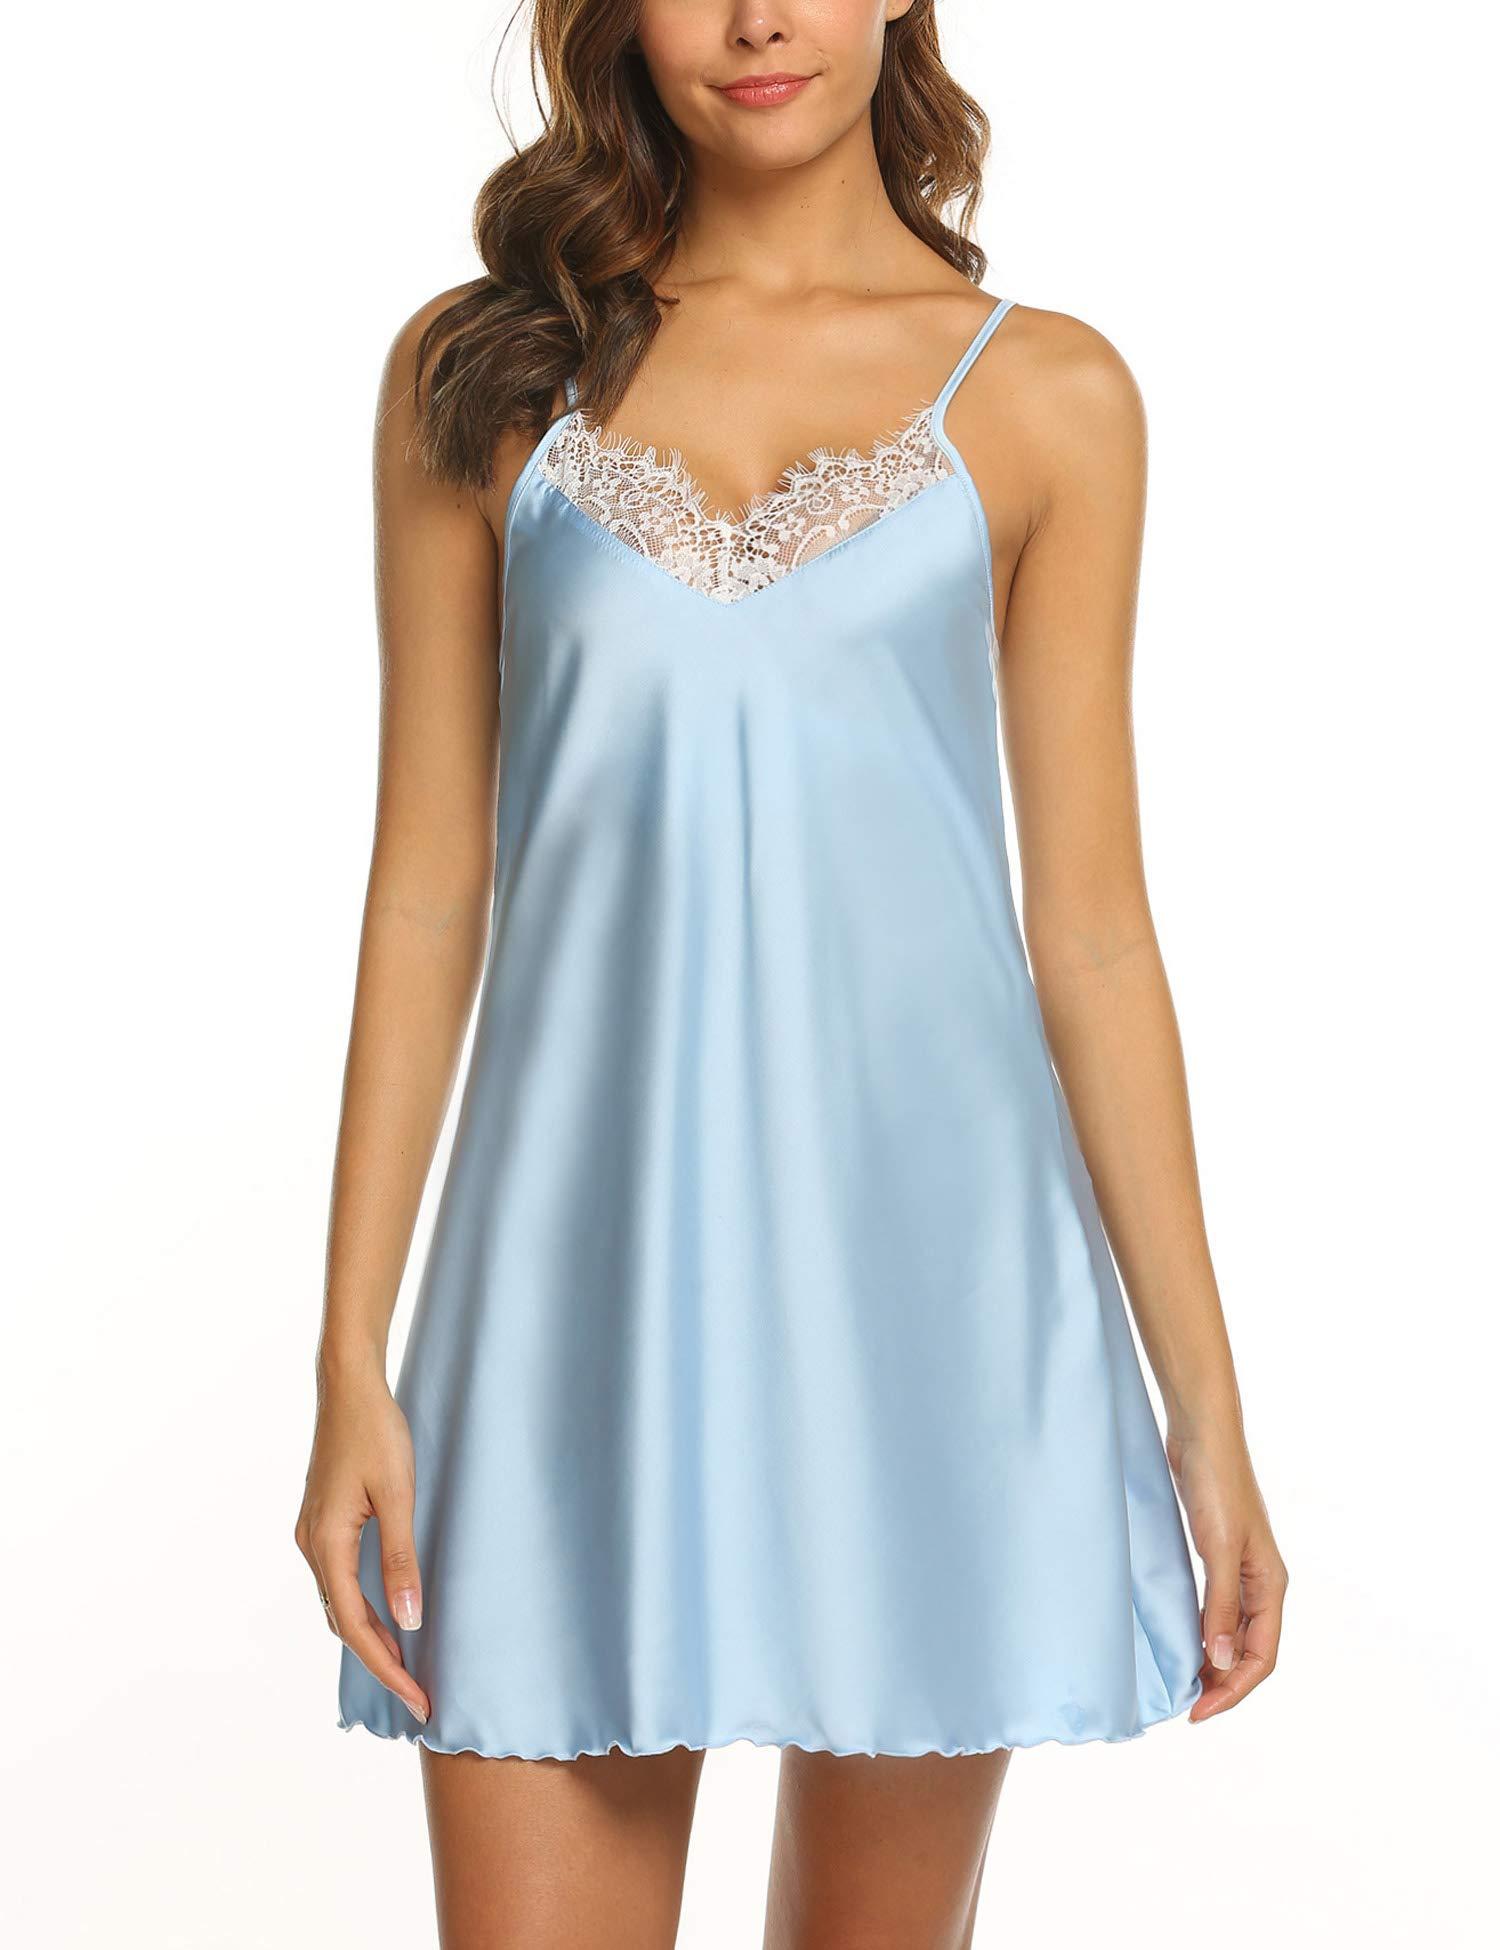 Ekouaer Nightgown Nightwear Lingerie Sleepdress